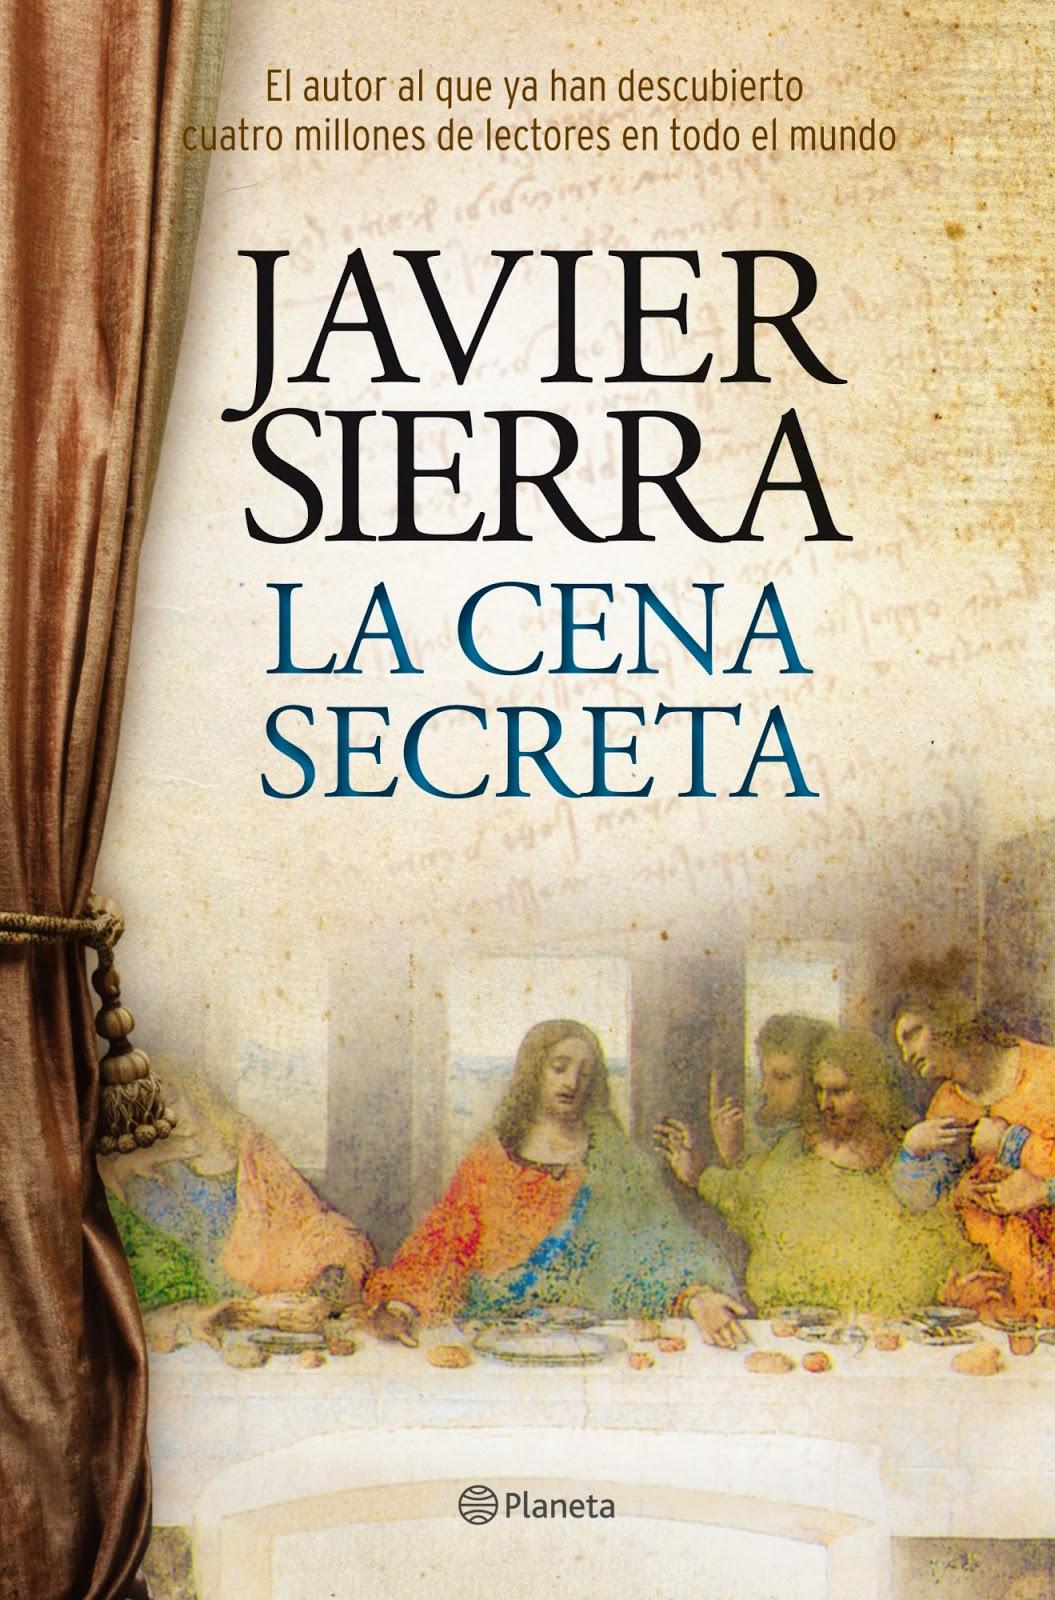 La cena secreta  Autor: Javier Sierra